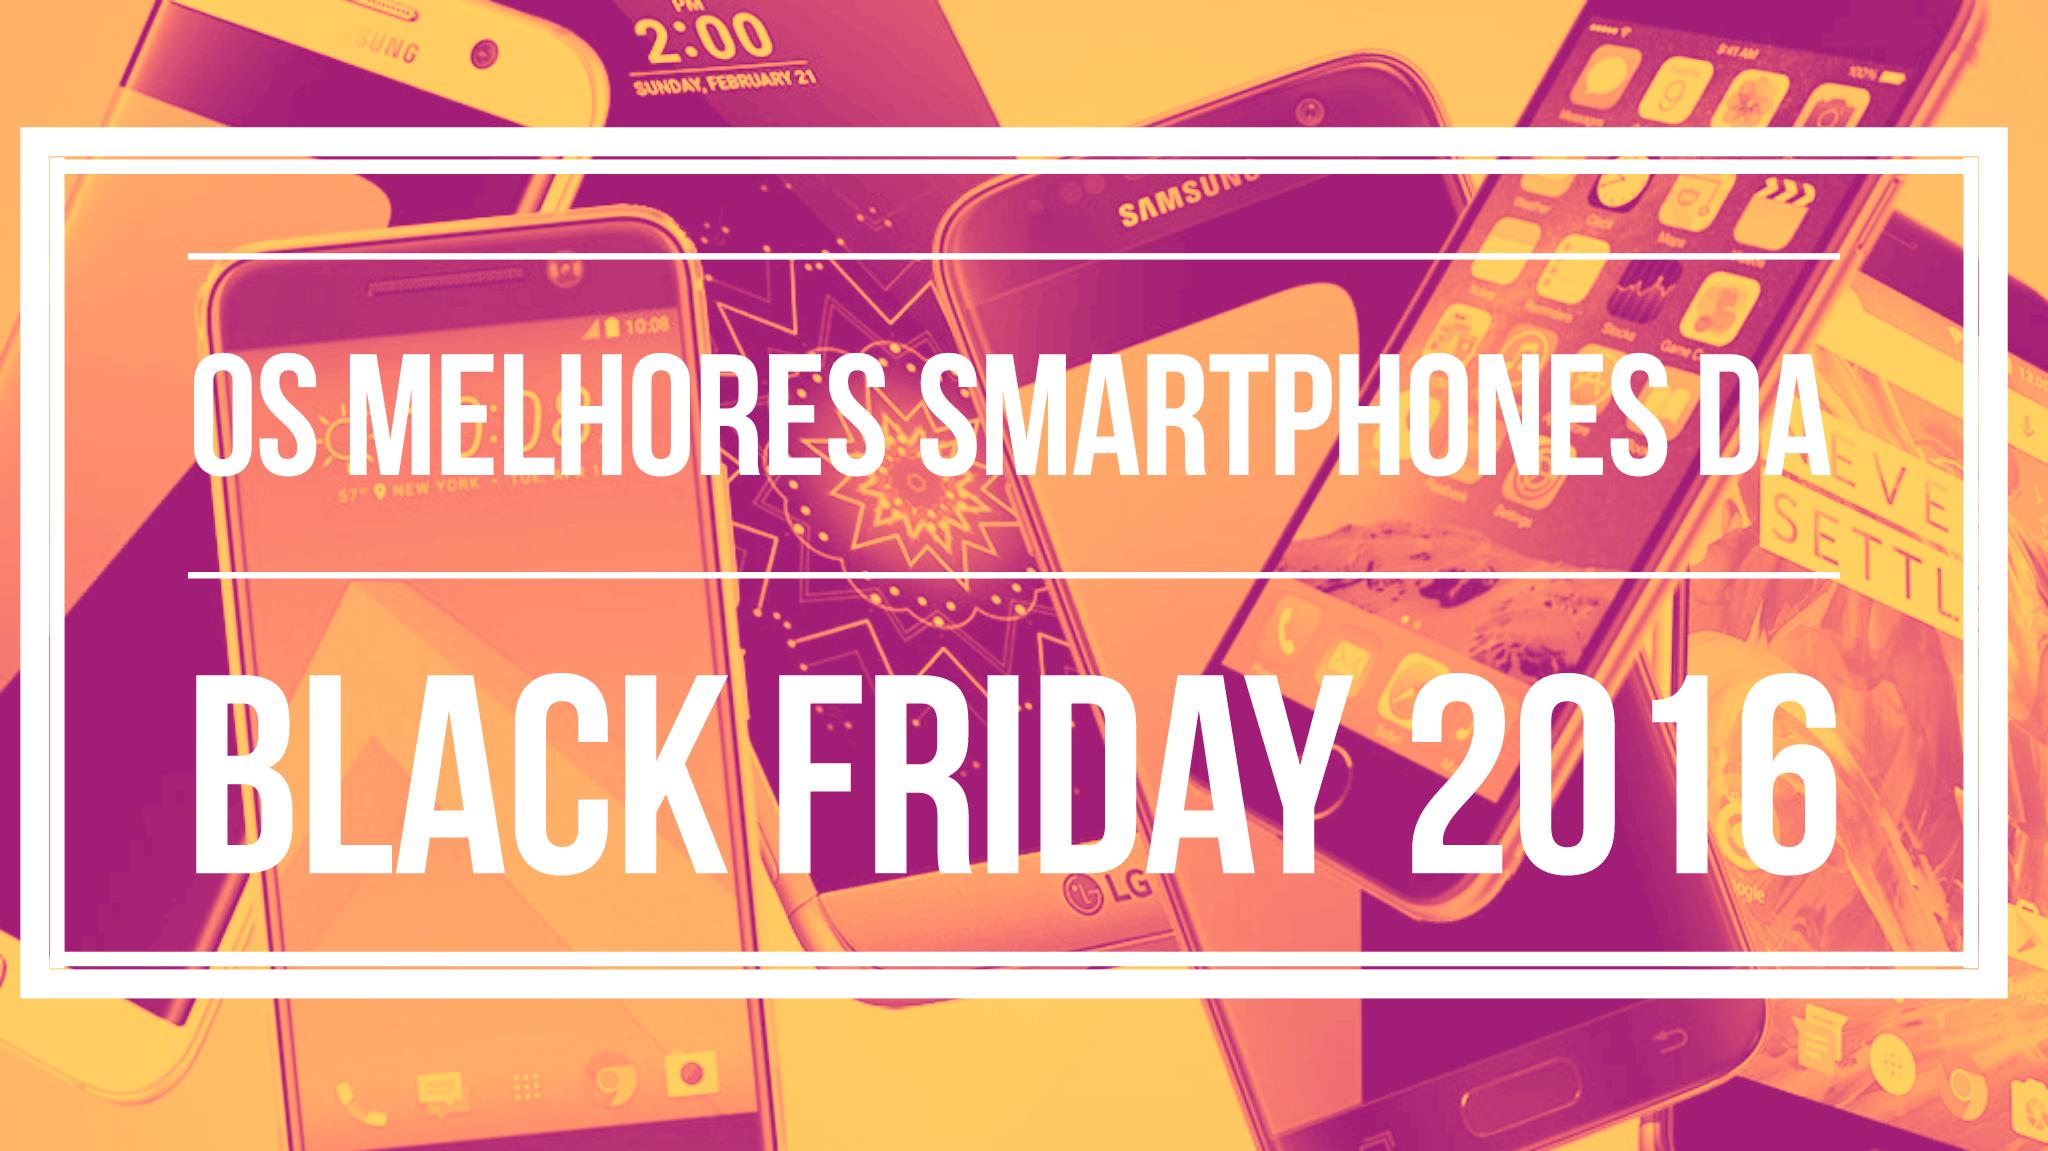 Especial: as melhores promoções de smartphones da Black Friday 2016 - http://www.showmetech.com.br/melhores-promocoes-de-smartphones-da-black-friday-2016/